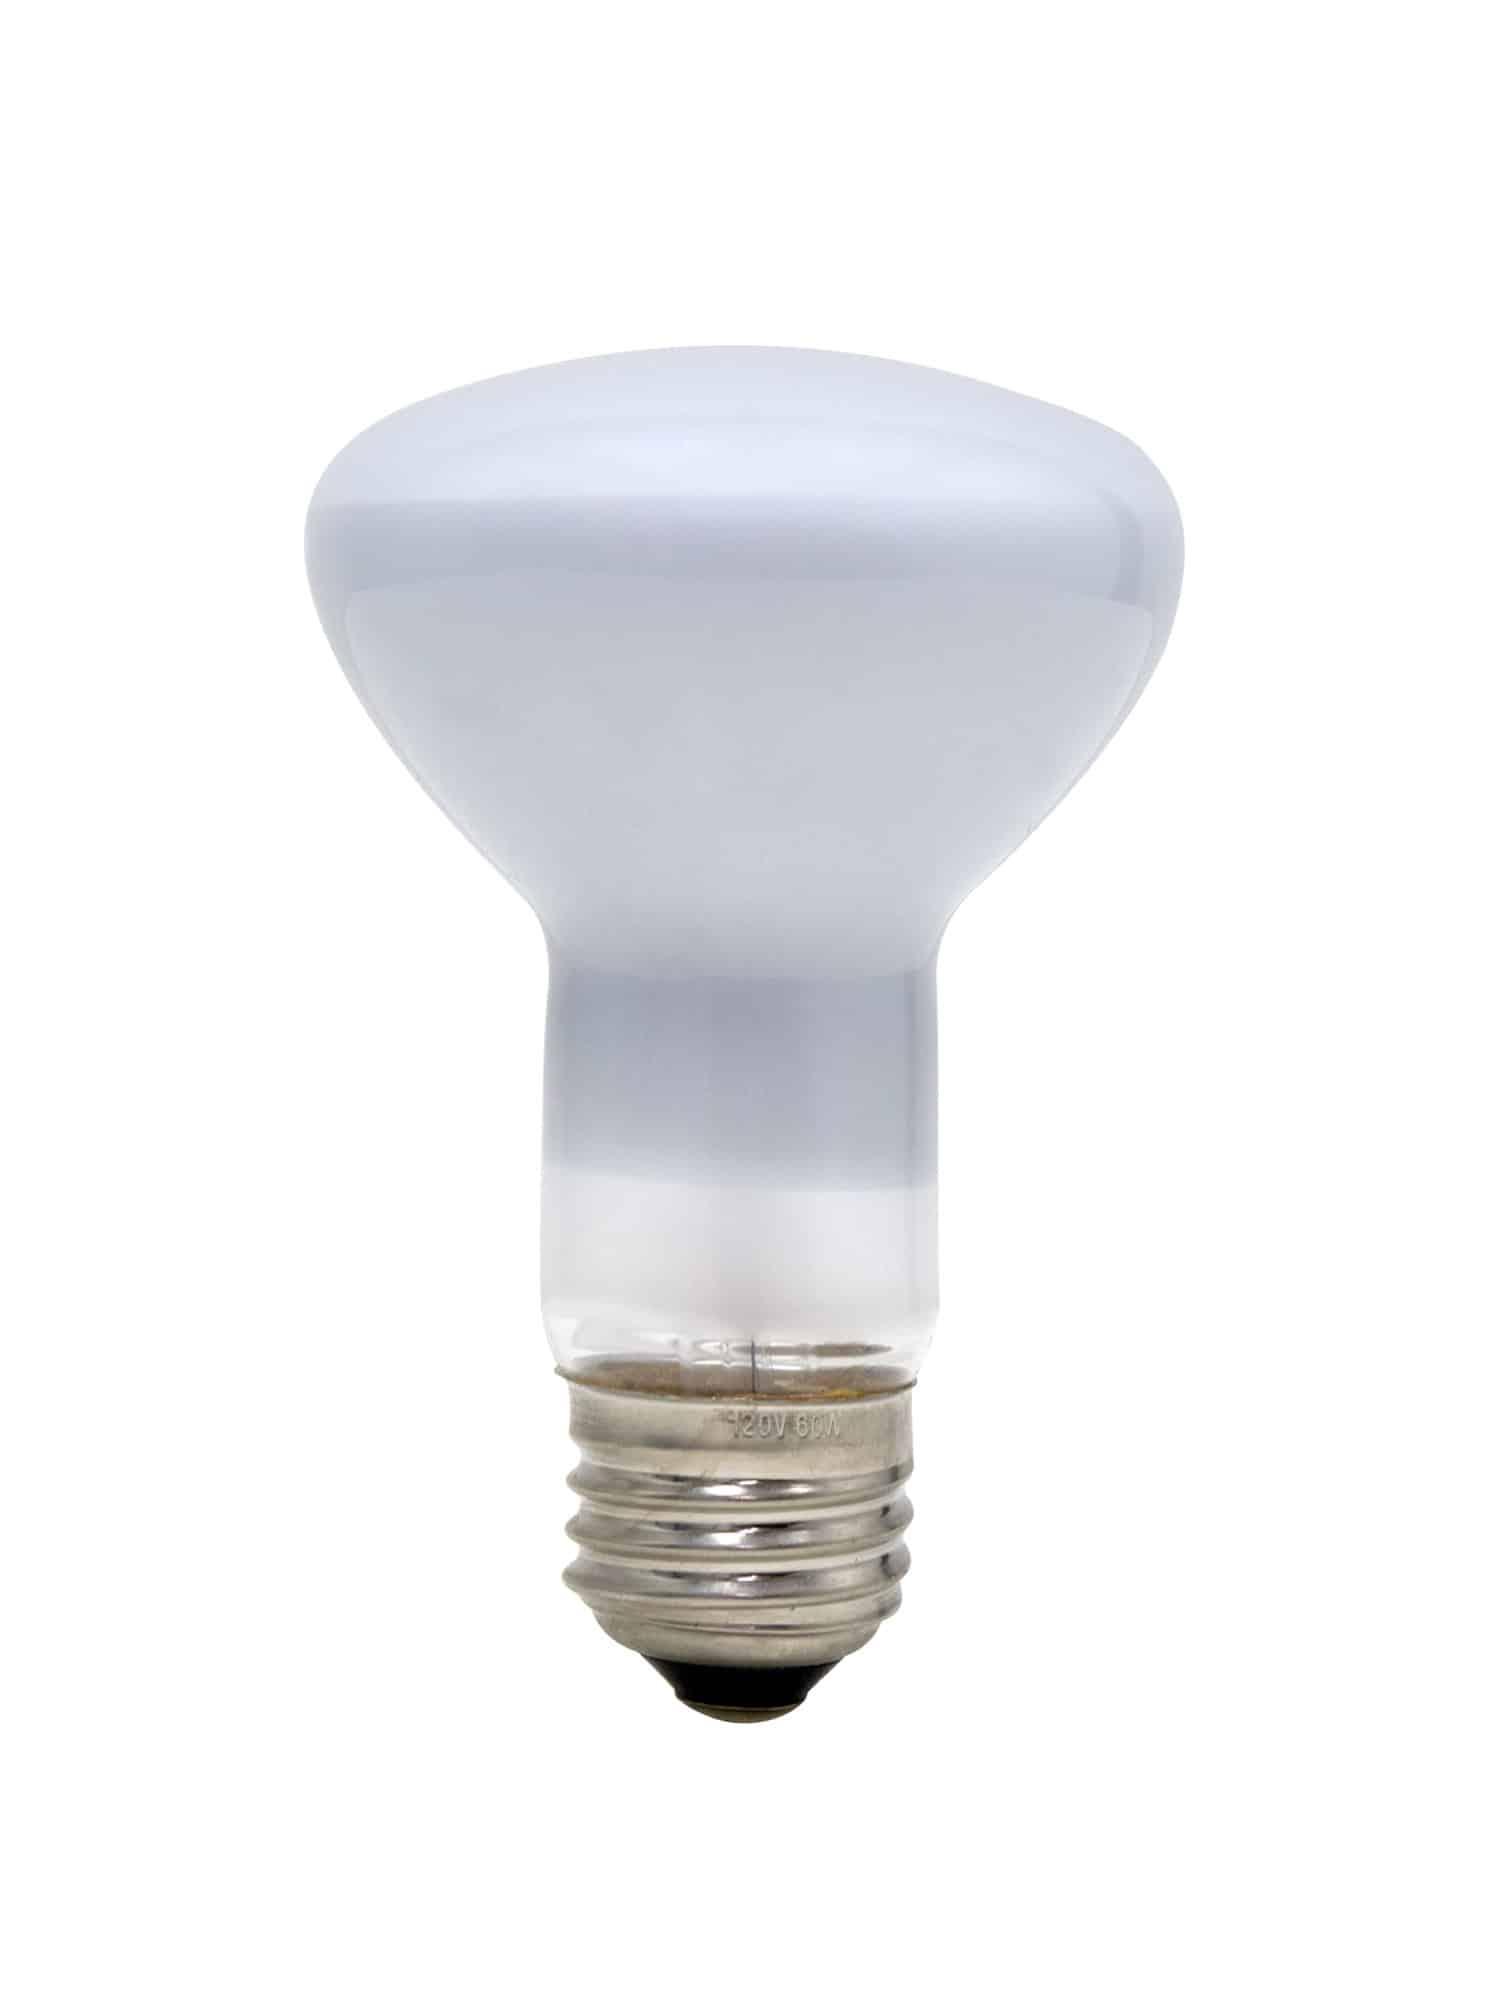 506012 60 Watt Reflector Bulb - Lava® Lamp